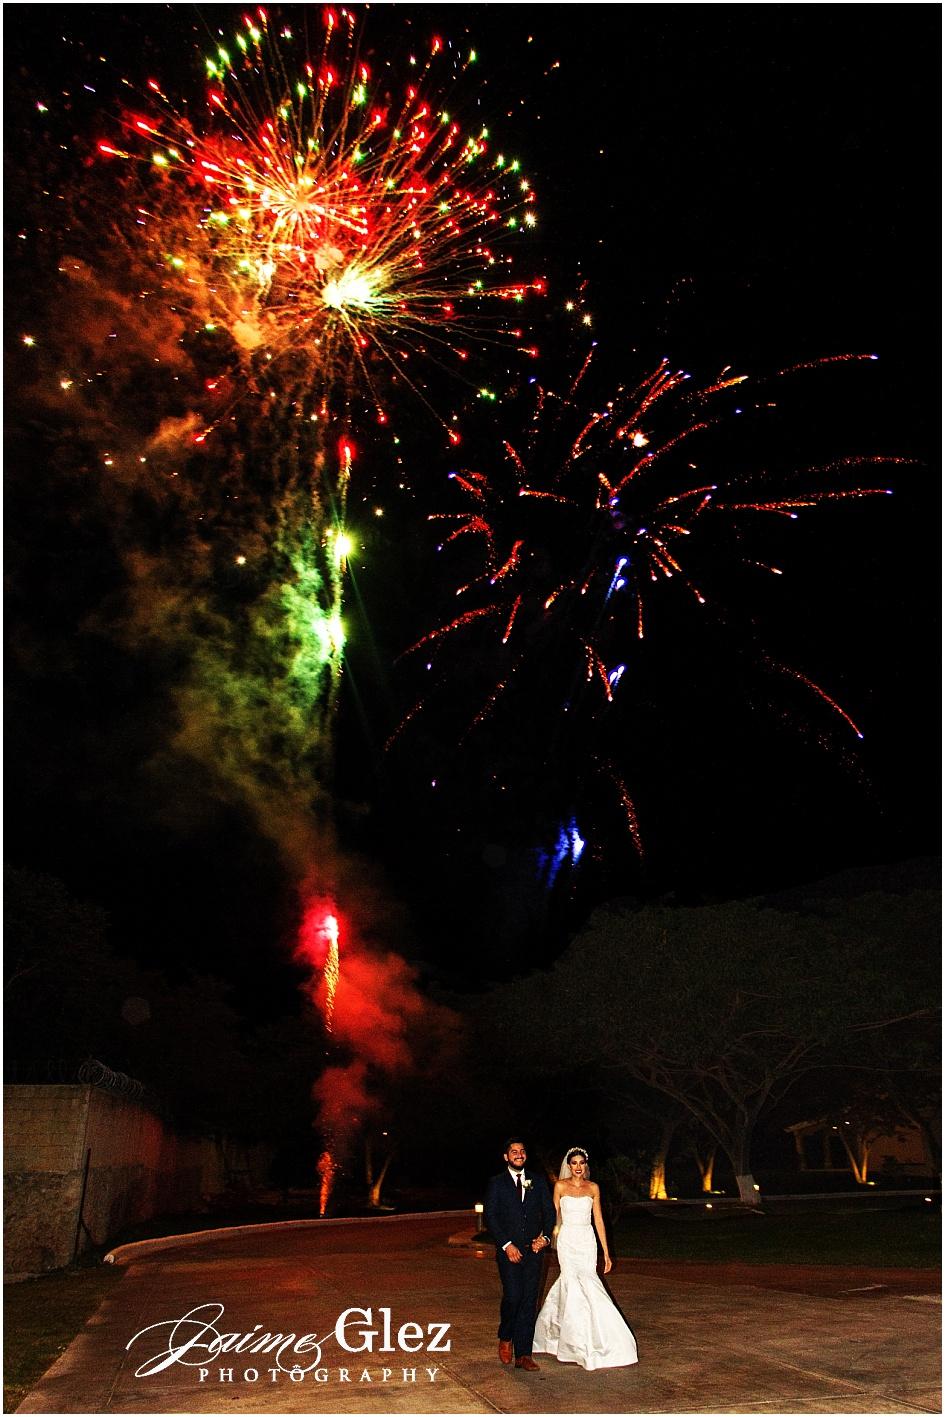 Espectaculares fuegos artificiales en la entrada oficial de los novios a la recepción.